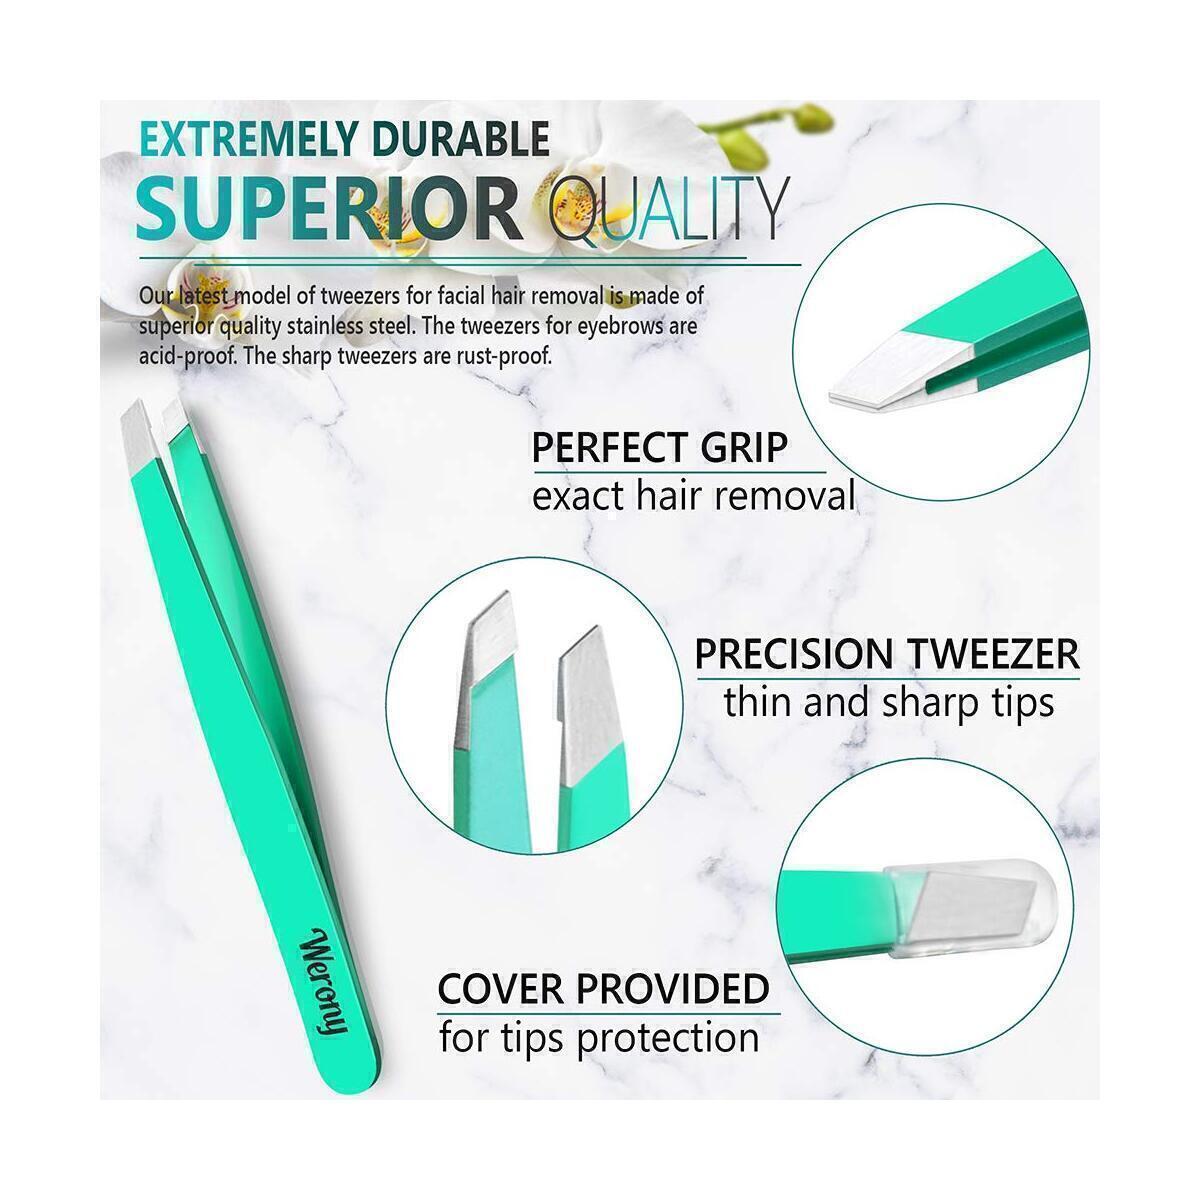 Tweezers for Women - Slant Tweezers - NEW COLOR - Premium Tweezers Precision - Professional Eyebrow Tweezers - Durable Tweezer for Facial Hair Removal and Brow Shaping - Perfect gift